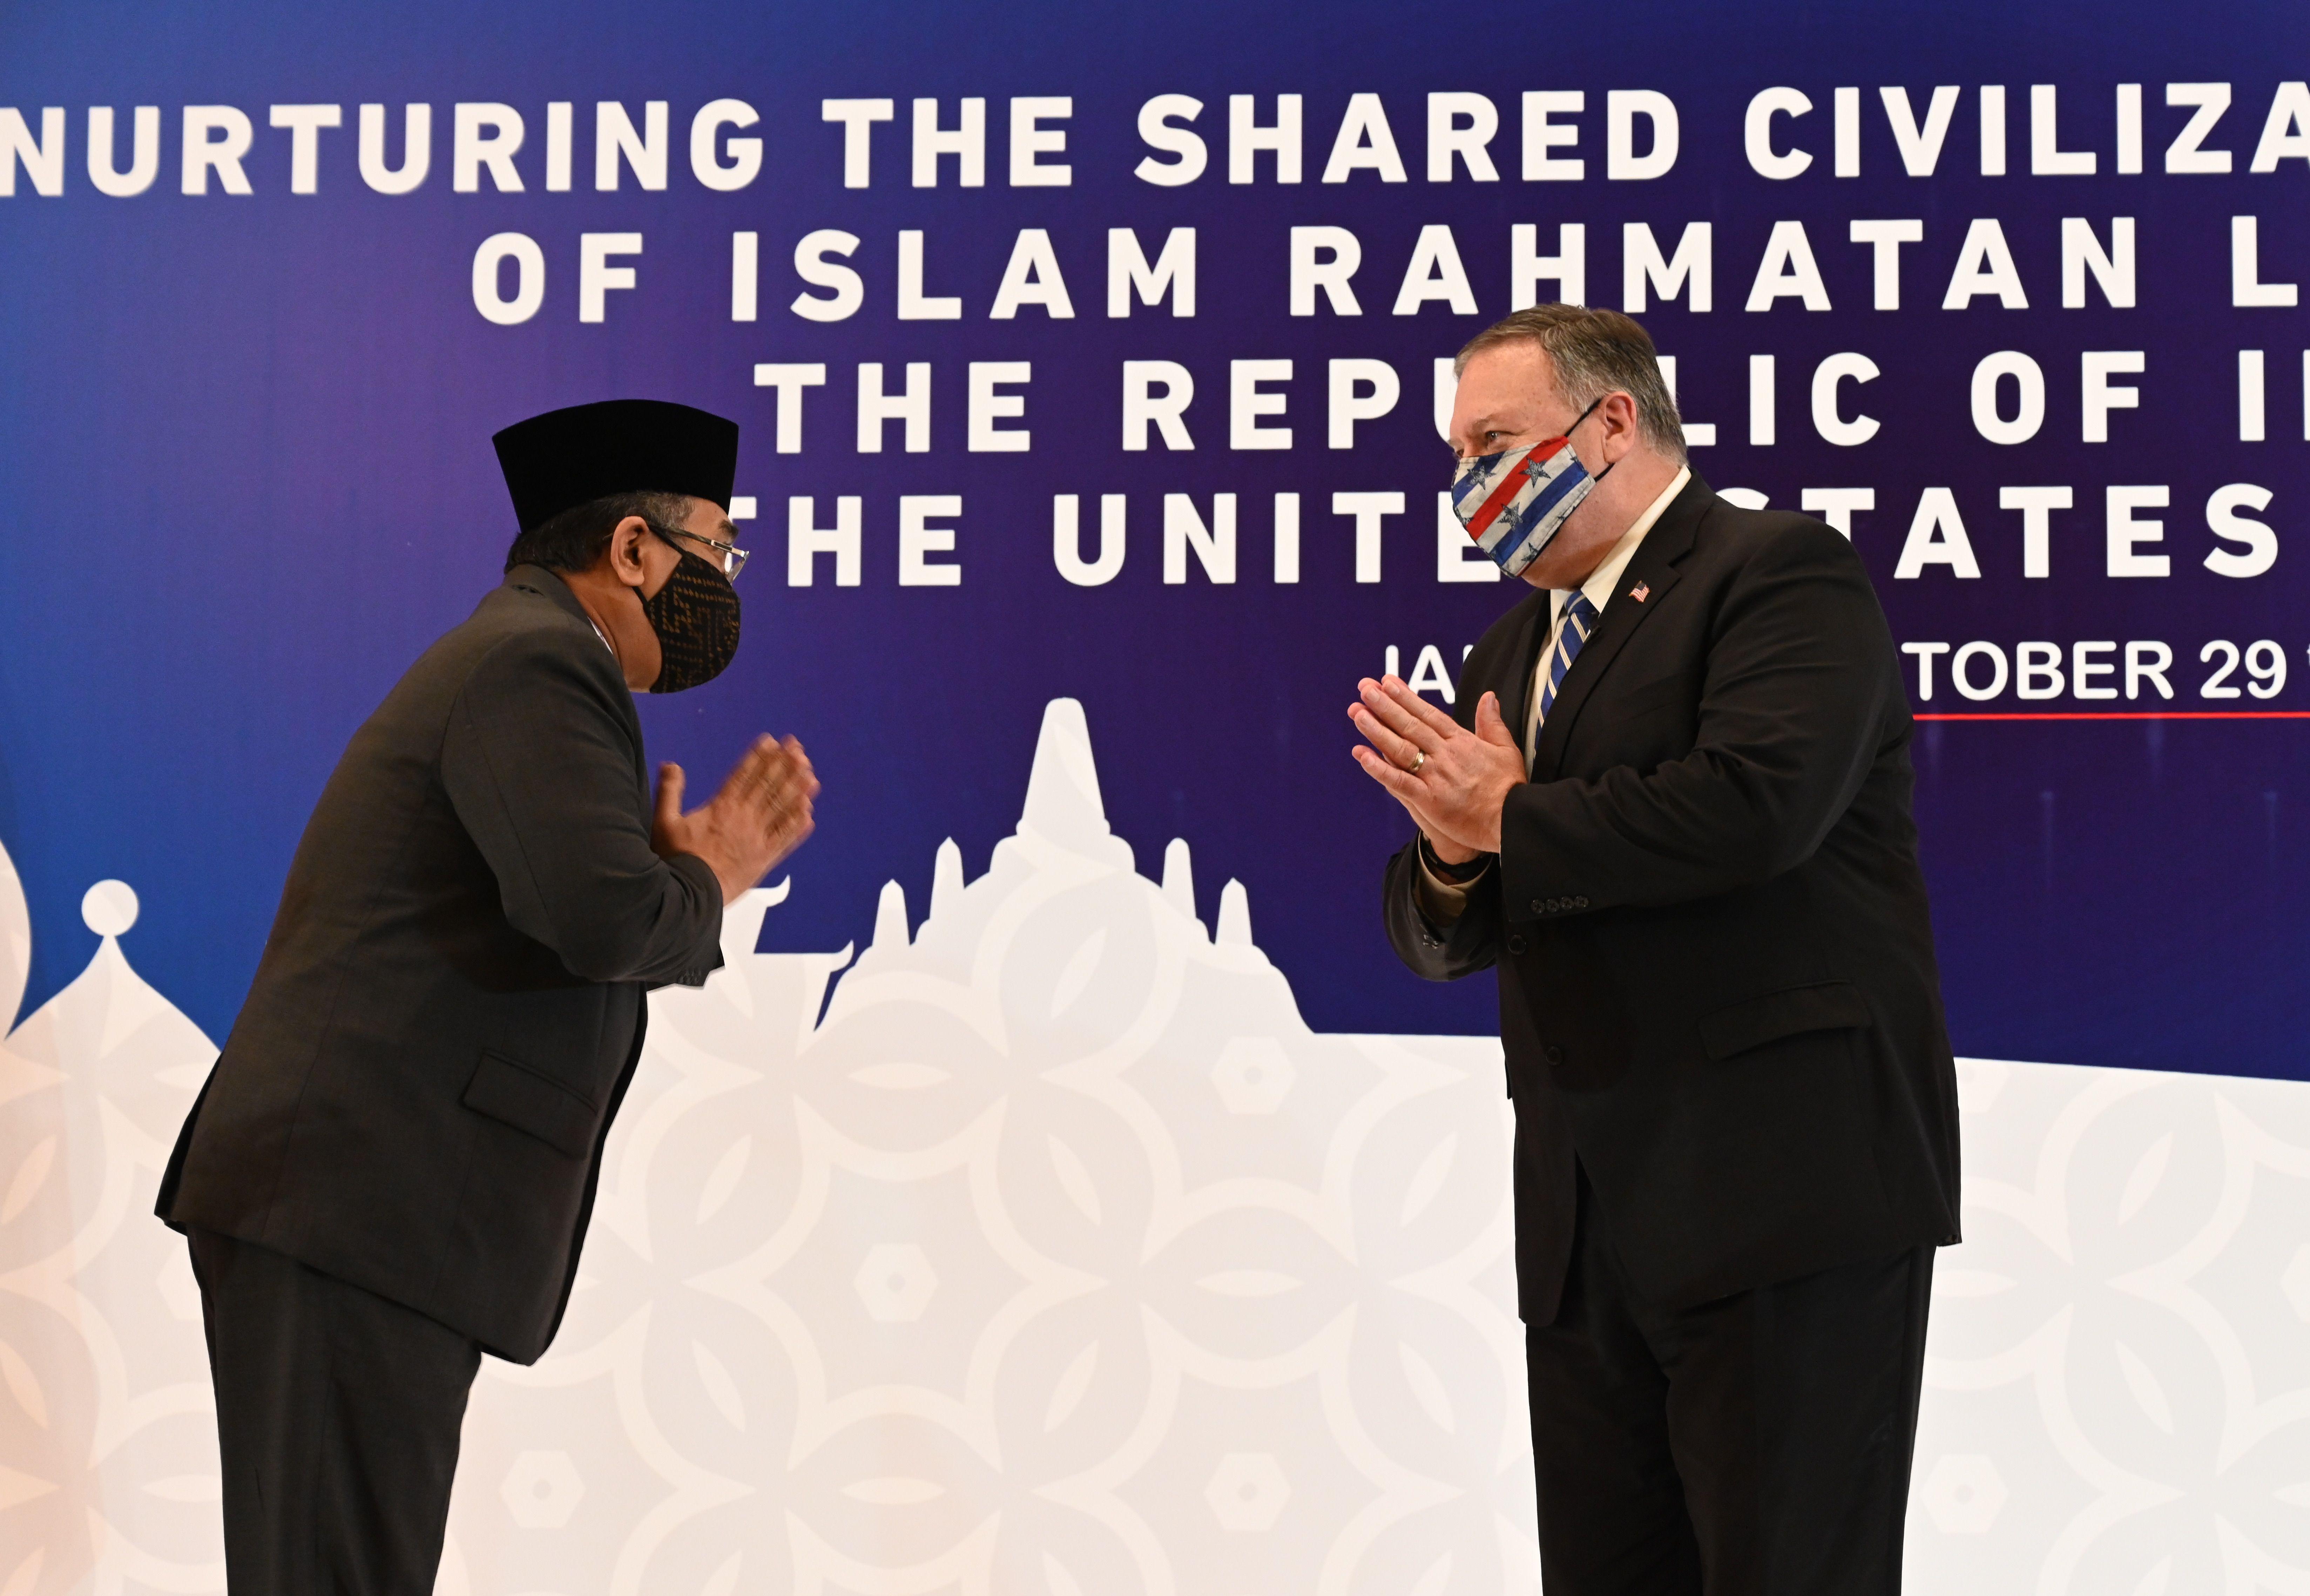 蓬佩奧訪印尼 猛烈抨擊中共擴張及迫害信仰